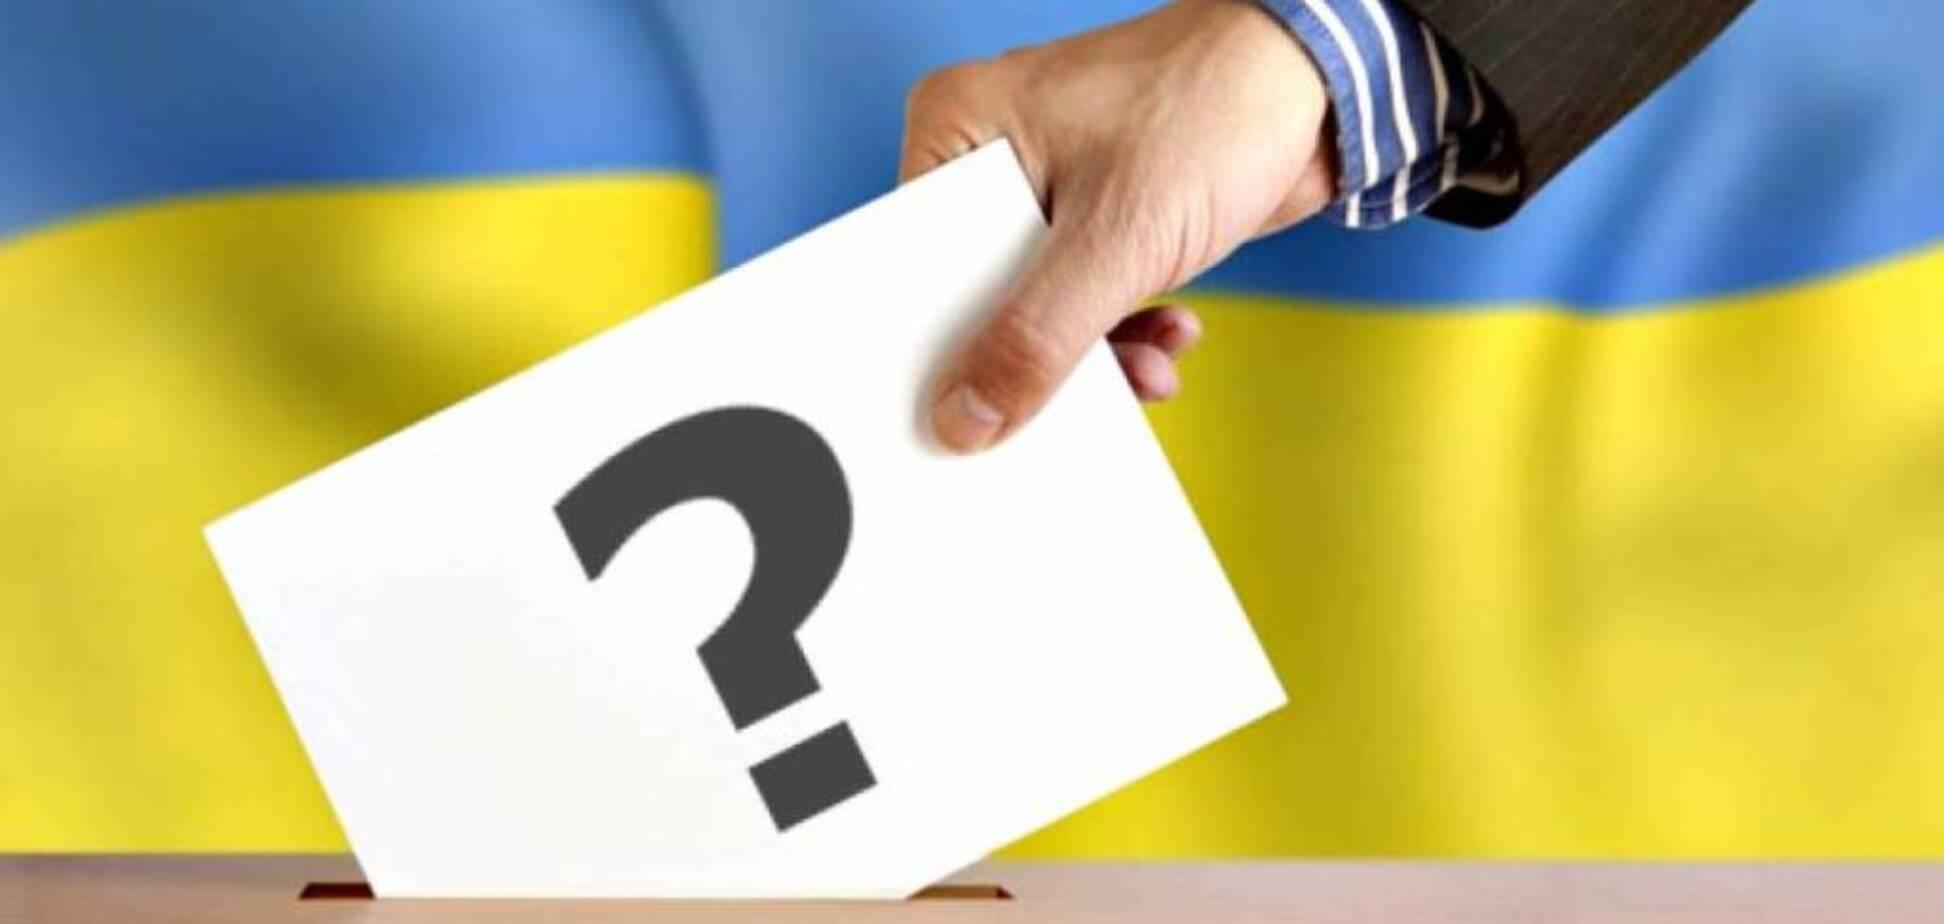 Предвыборная гонка вскрыла много нарывов, скандалов, интриг и грязи